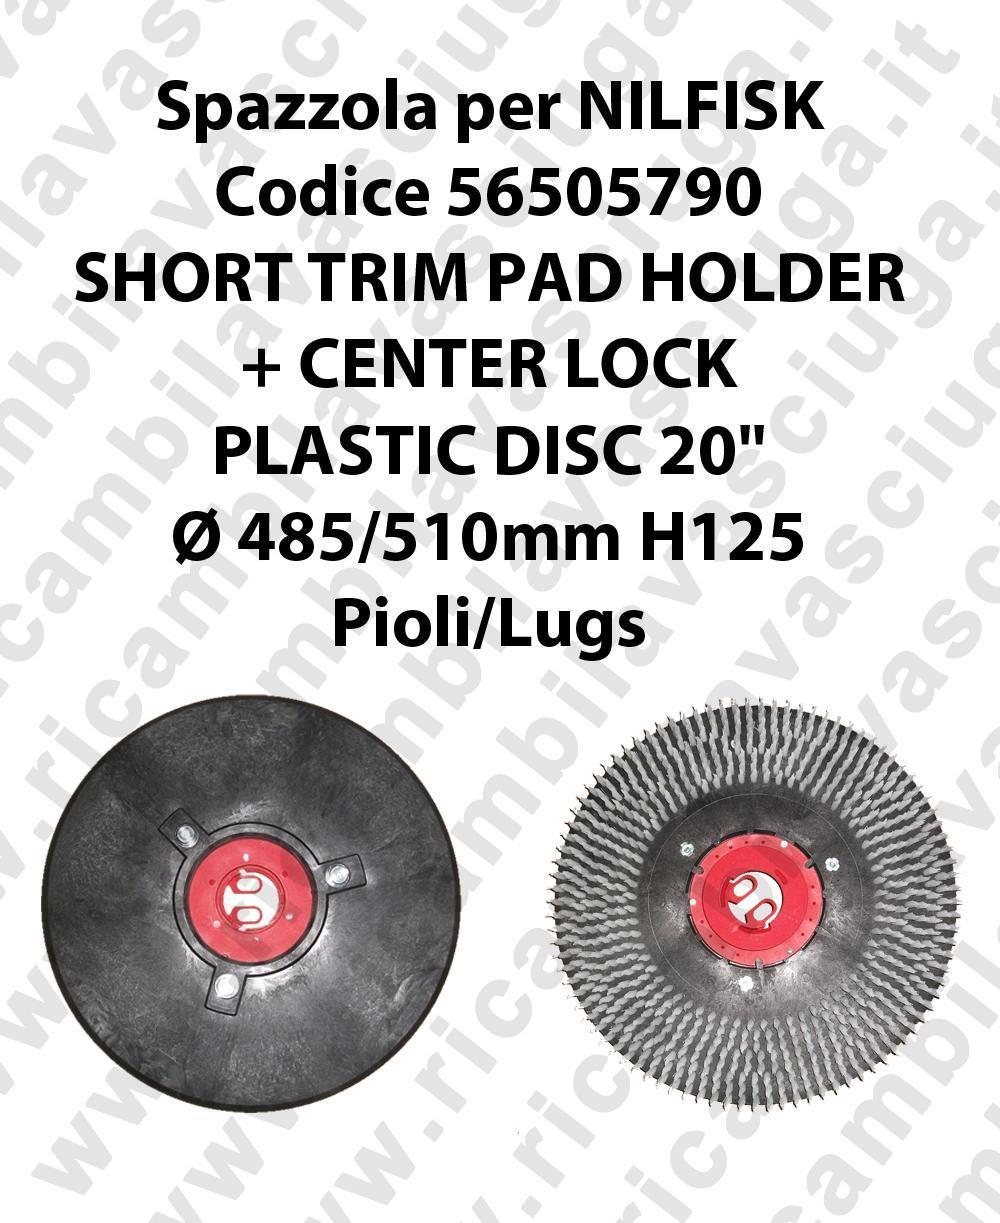 SHORT TRIM PAD HOLDER + CENTERLOCK for scrubber dryer NILFISK Code 56505790